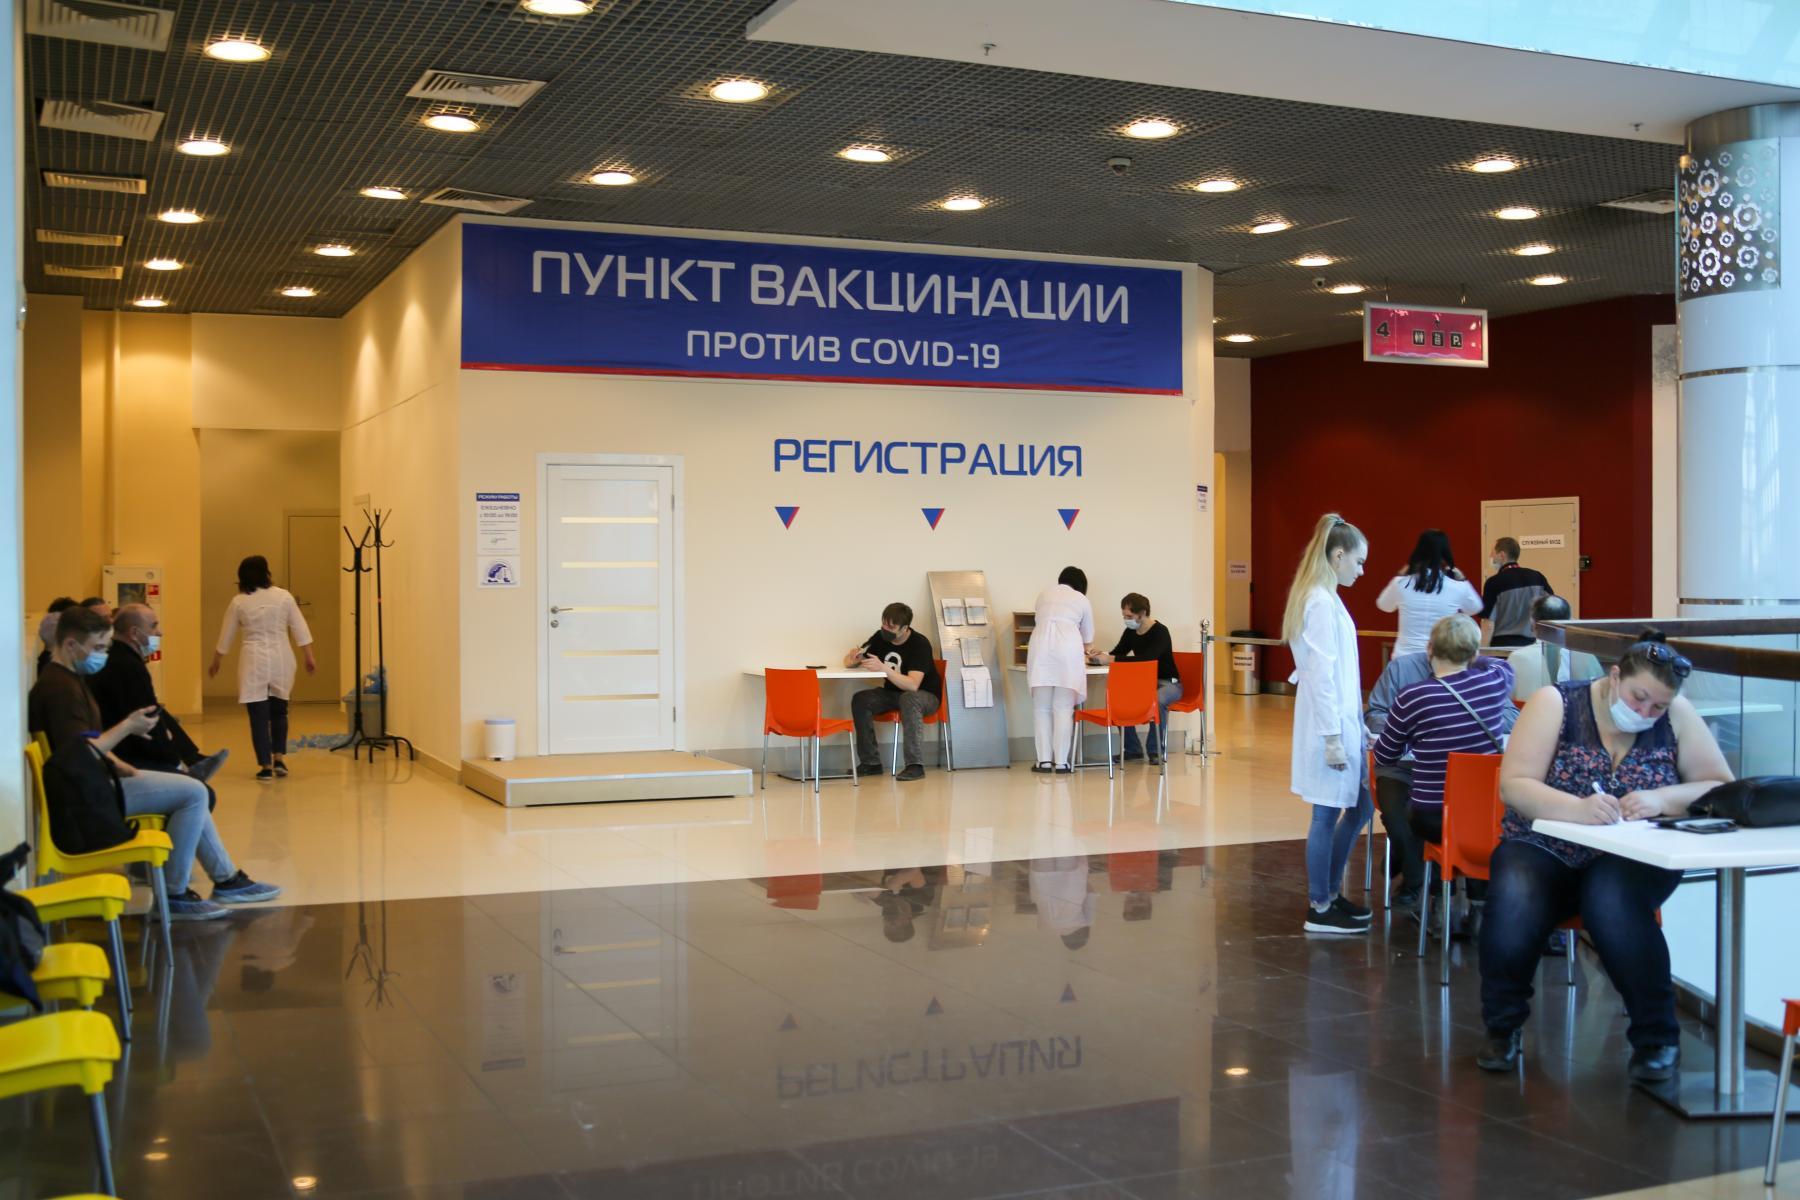 фото «Наконец-то дождались»: как работает первый в Новосибирске мобильный пункт вакцинации от COVID-19 2